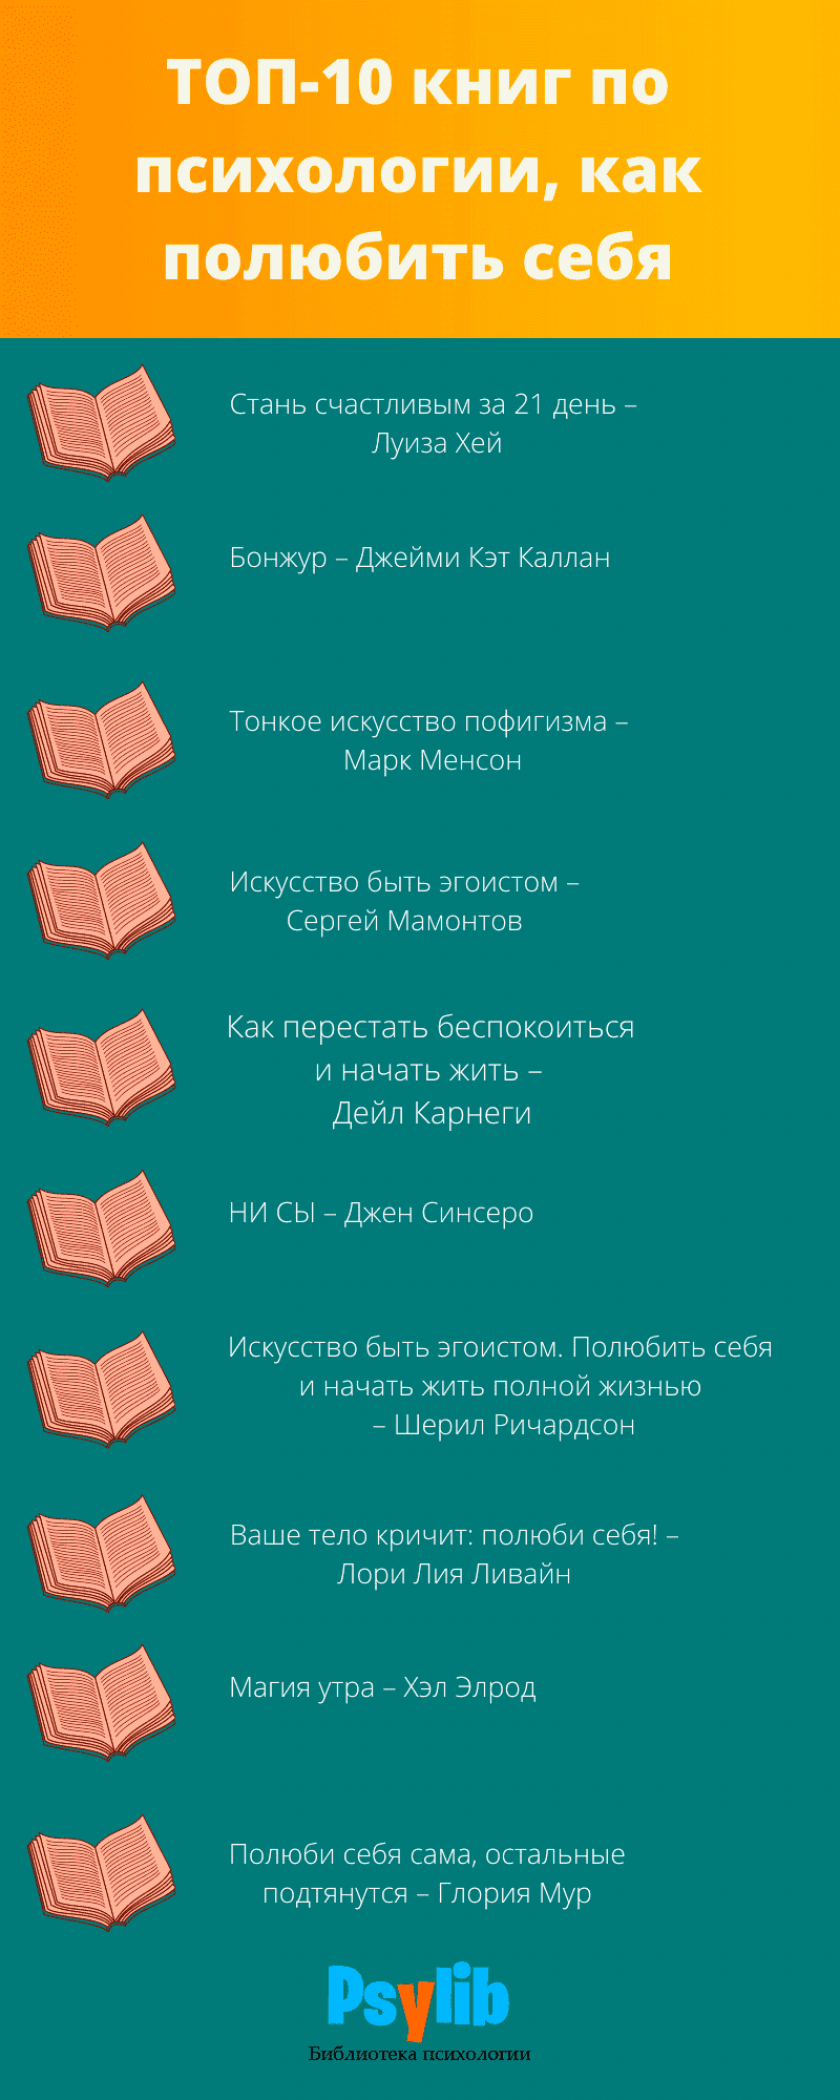 Книги по психологии, как полюбить себя